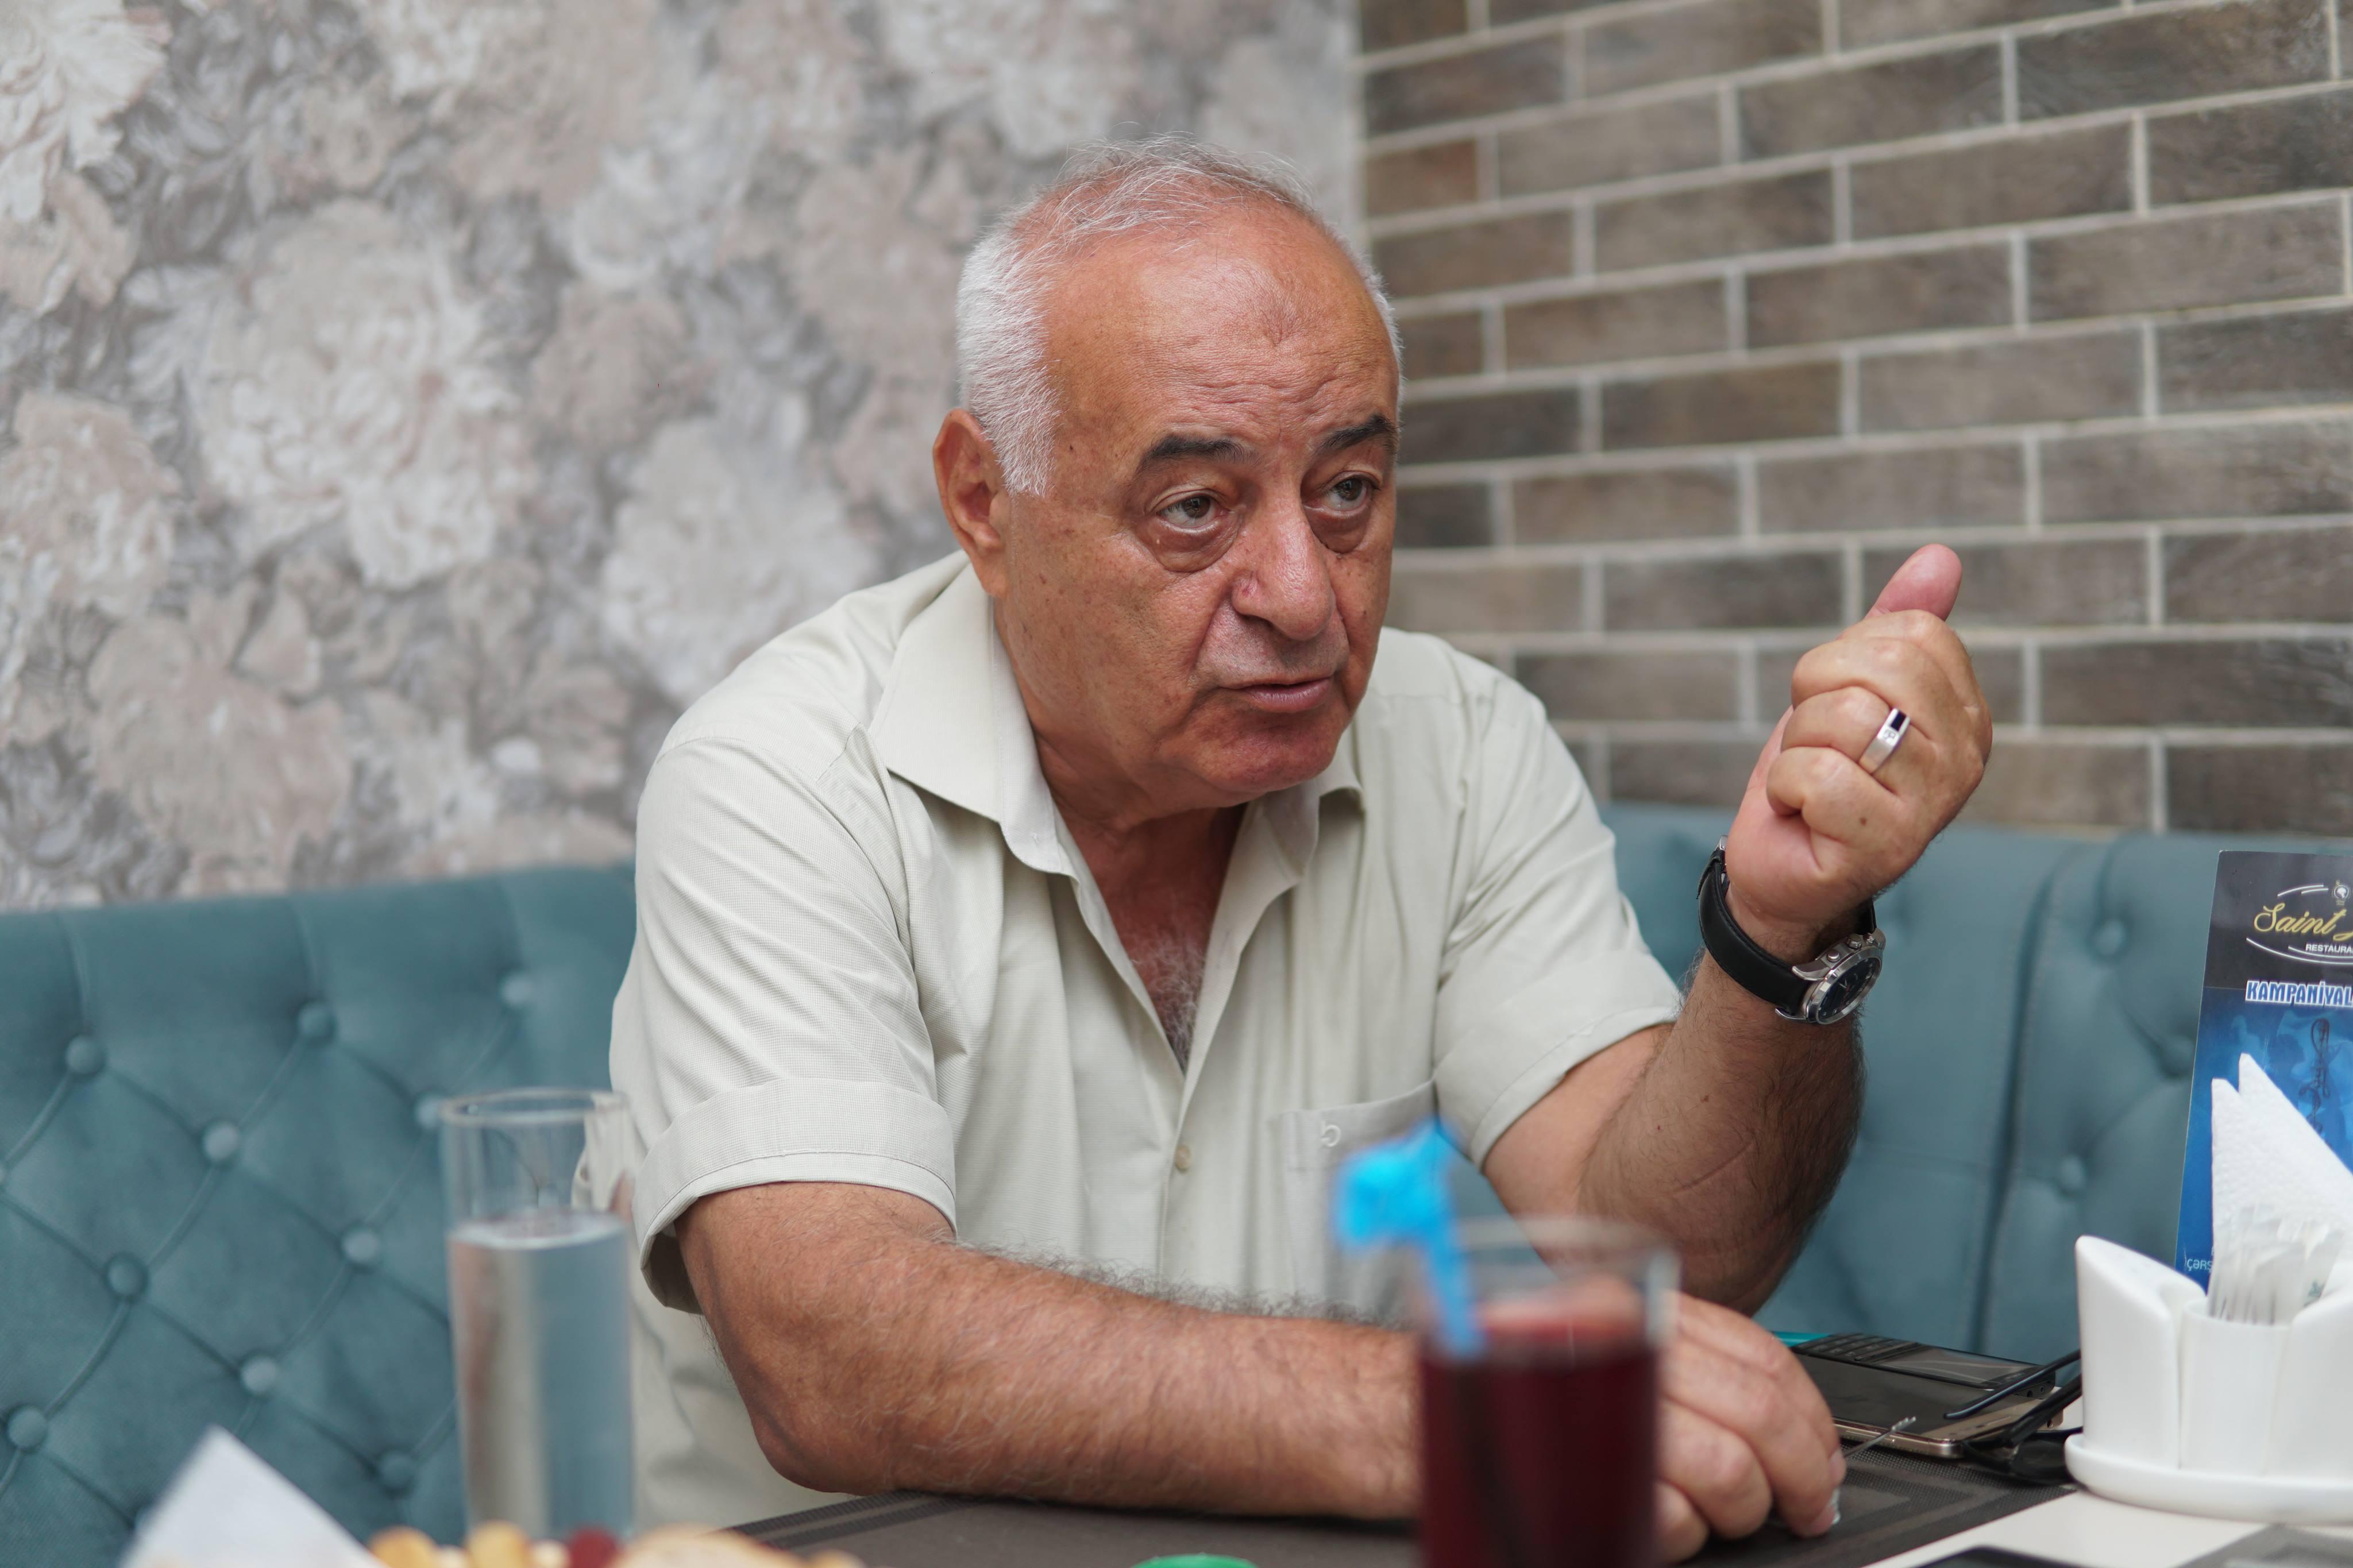 """""""Biznesmenlər yaraşıqlı müğənnilərə deyil, yaraşıqsız elm adamlarına da kömək etsinlər"""" –MÜSAHİBƏ"""